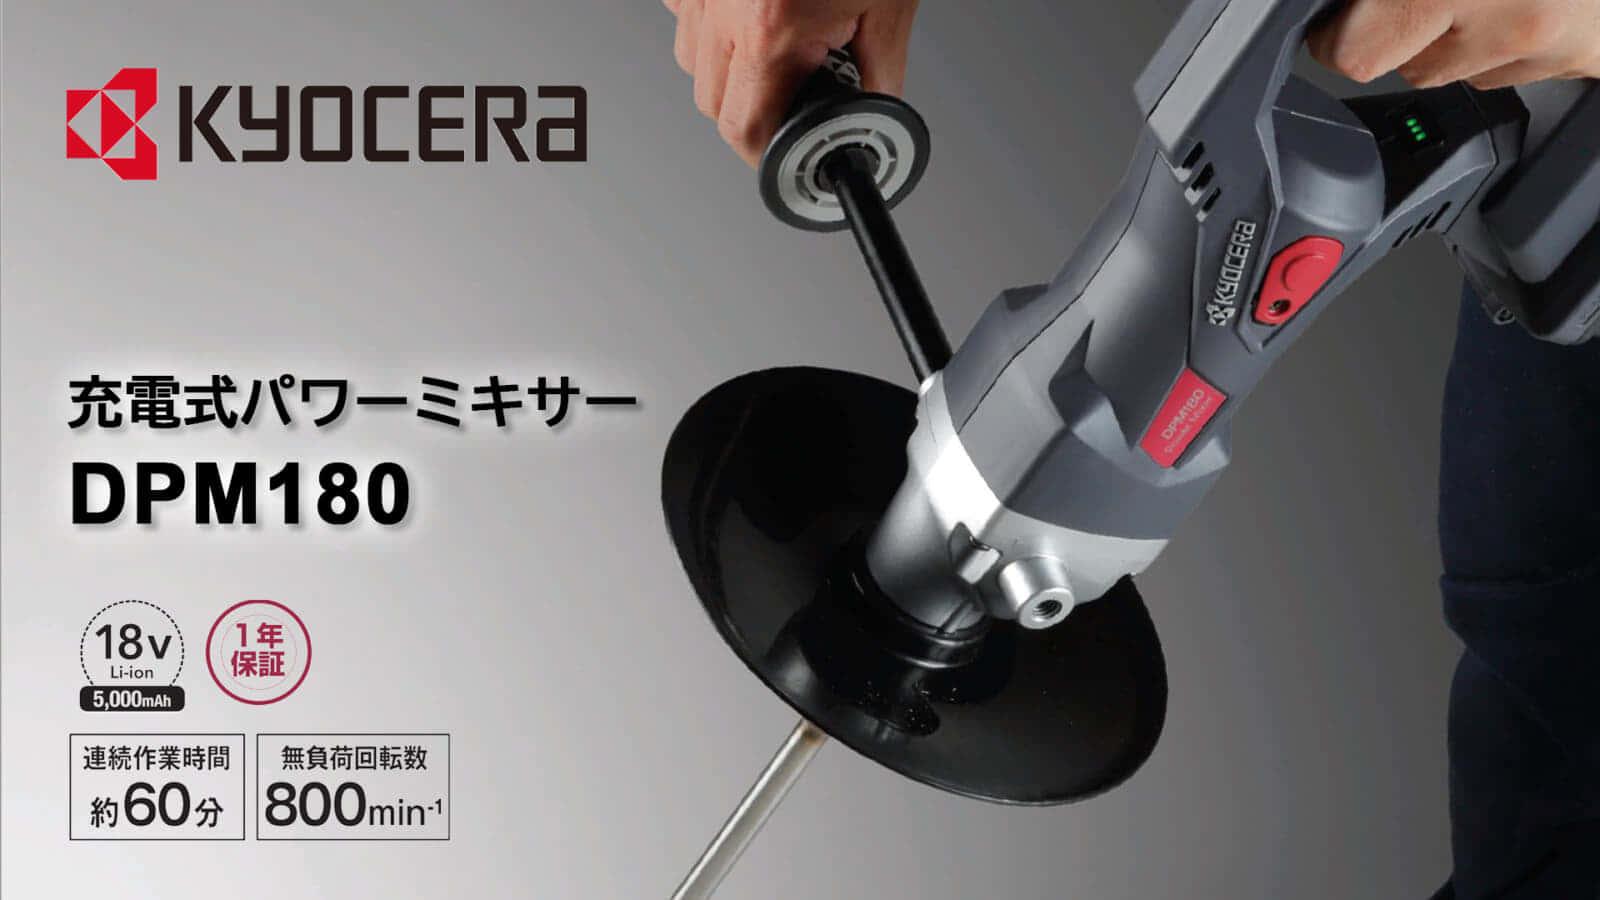 京セラ DPM180 充電式パワーミキサーを発売